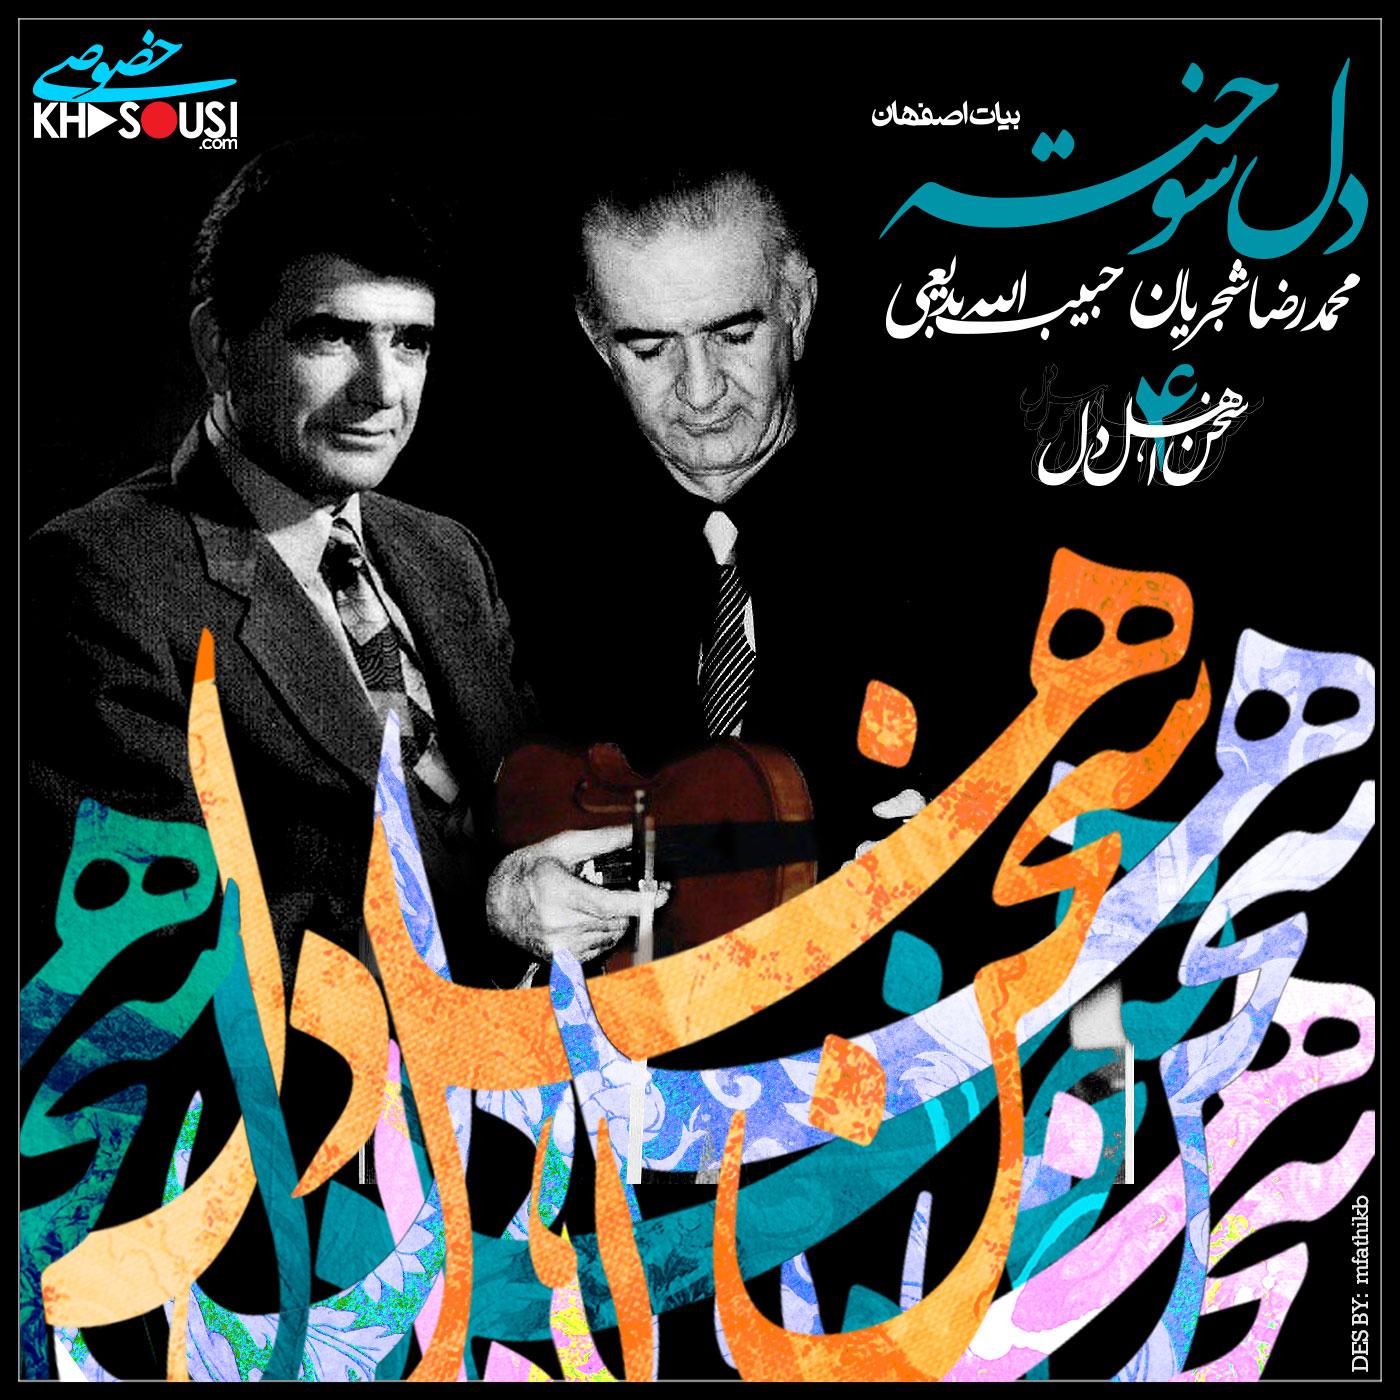 دلسوخته - اجرای خصوصی محمدرضا شجریان و حبیبالله بدیعی - بیات اصفهان